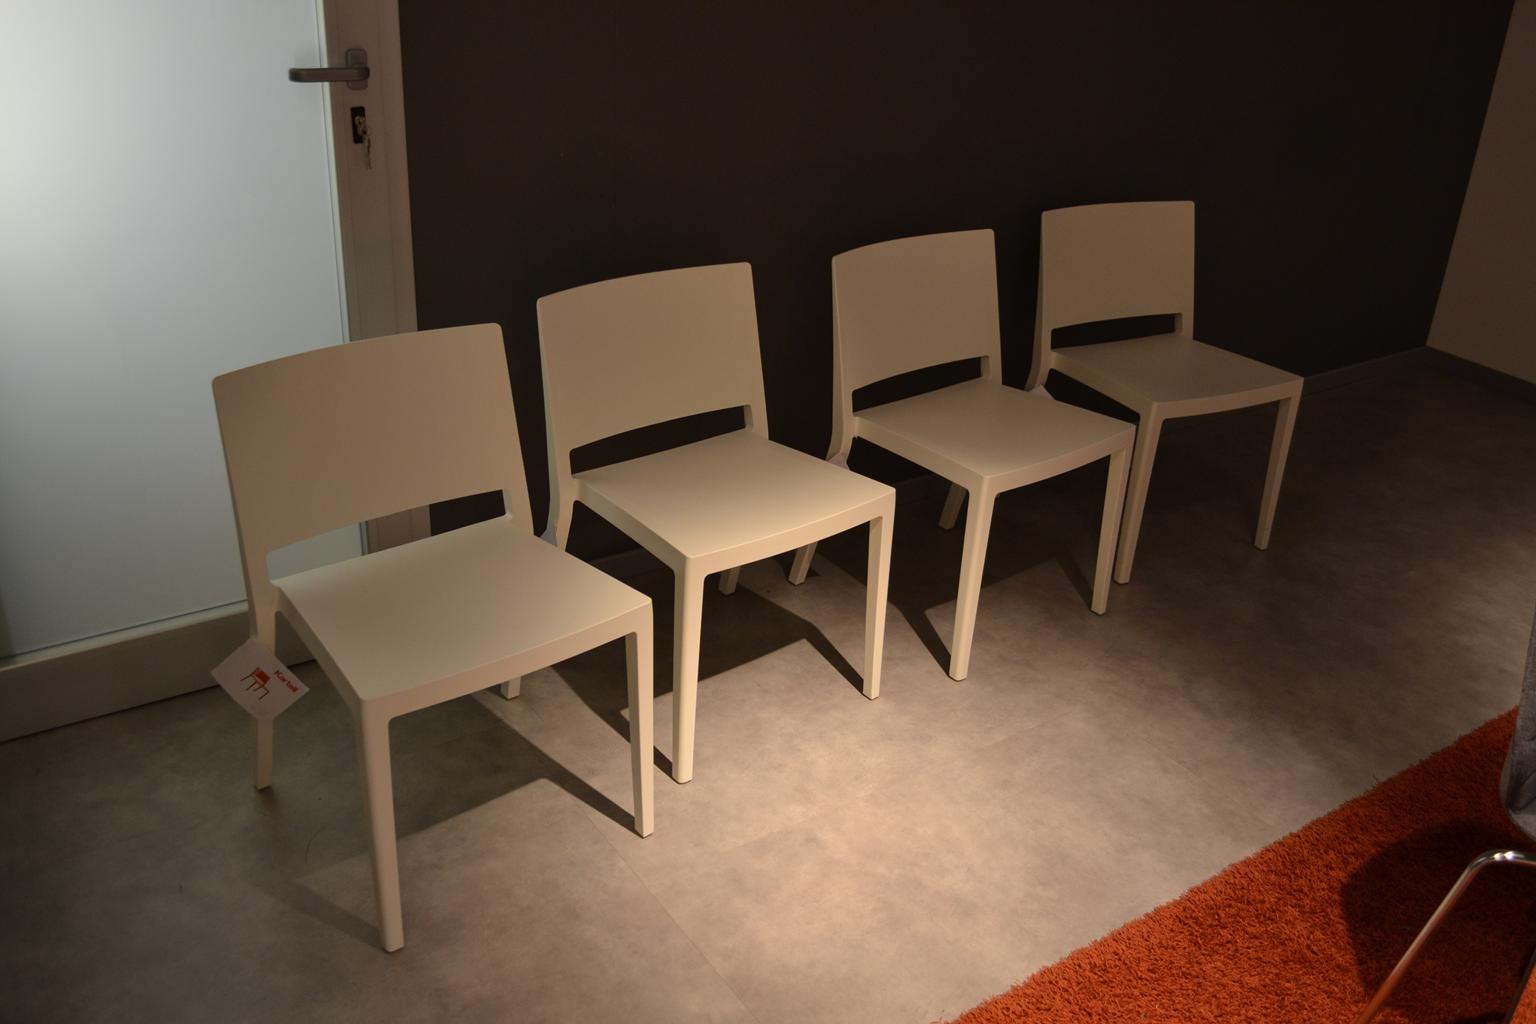 Sedie Kartell Outlet ~ Idee Creative su Design Per La Casa e Interni